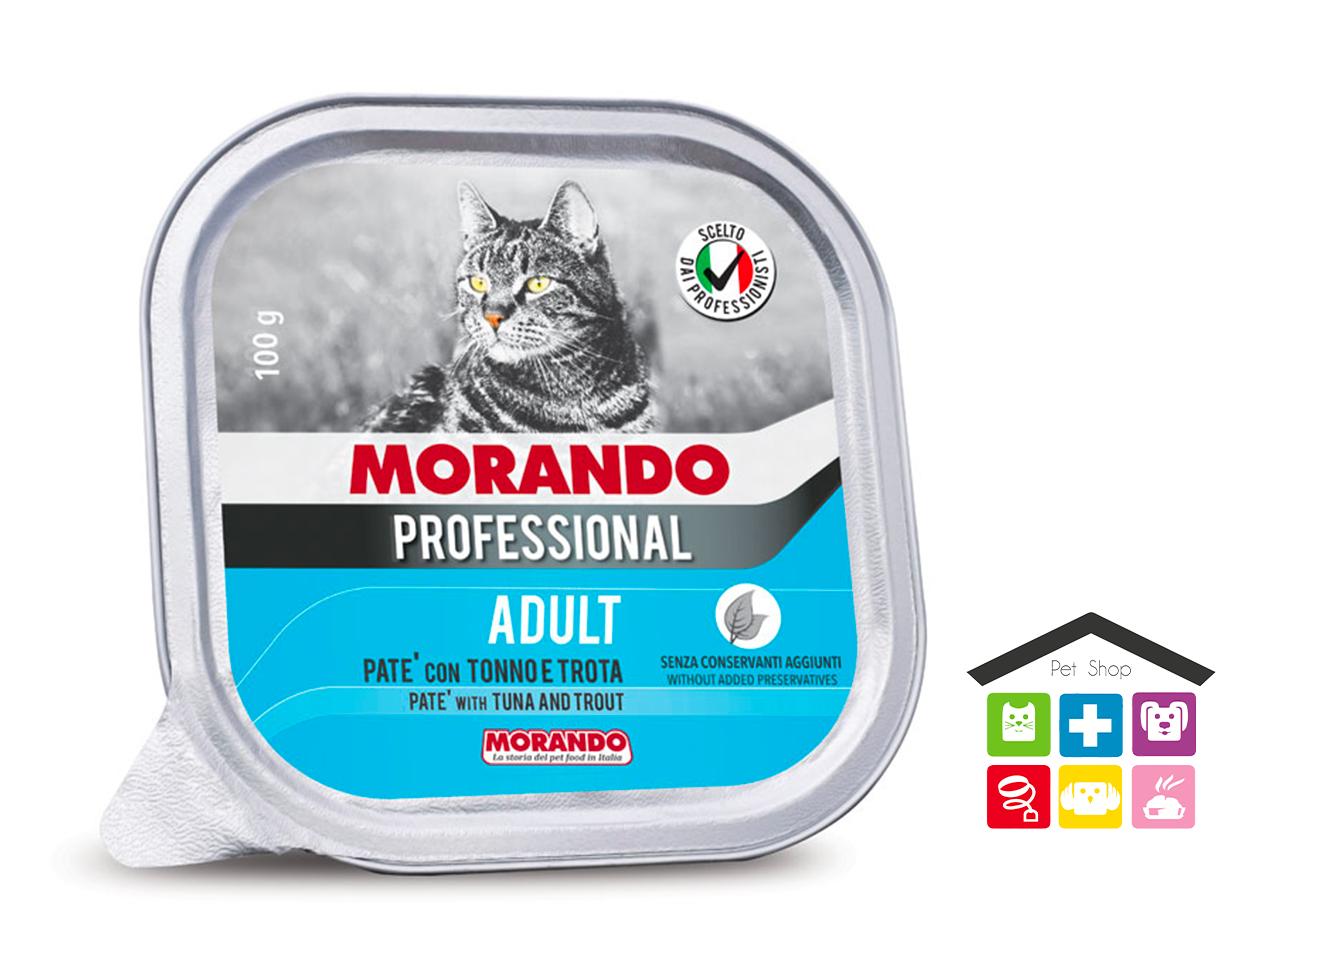 Morando Professional ADULT PATÈ CON TONNO E TROTA 100g